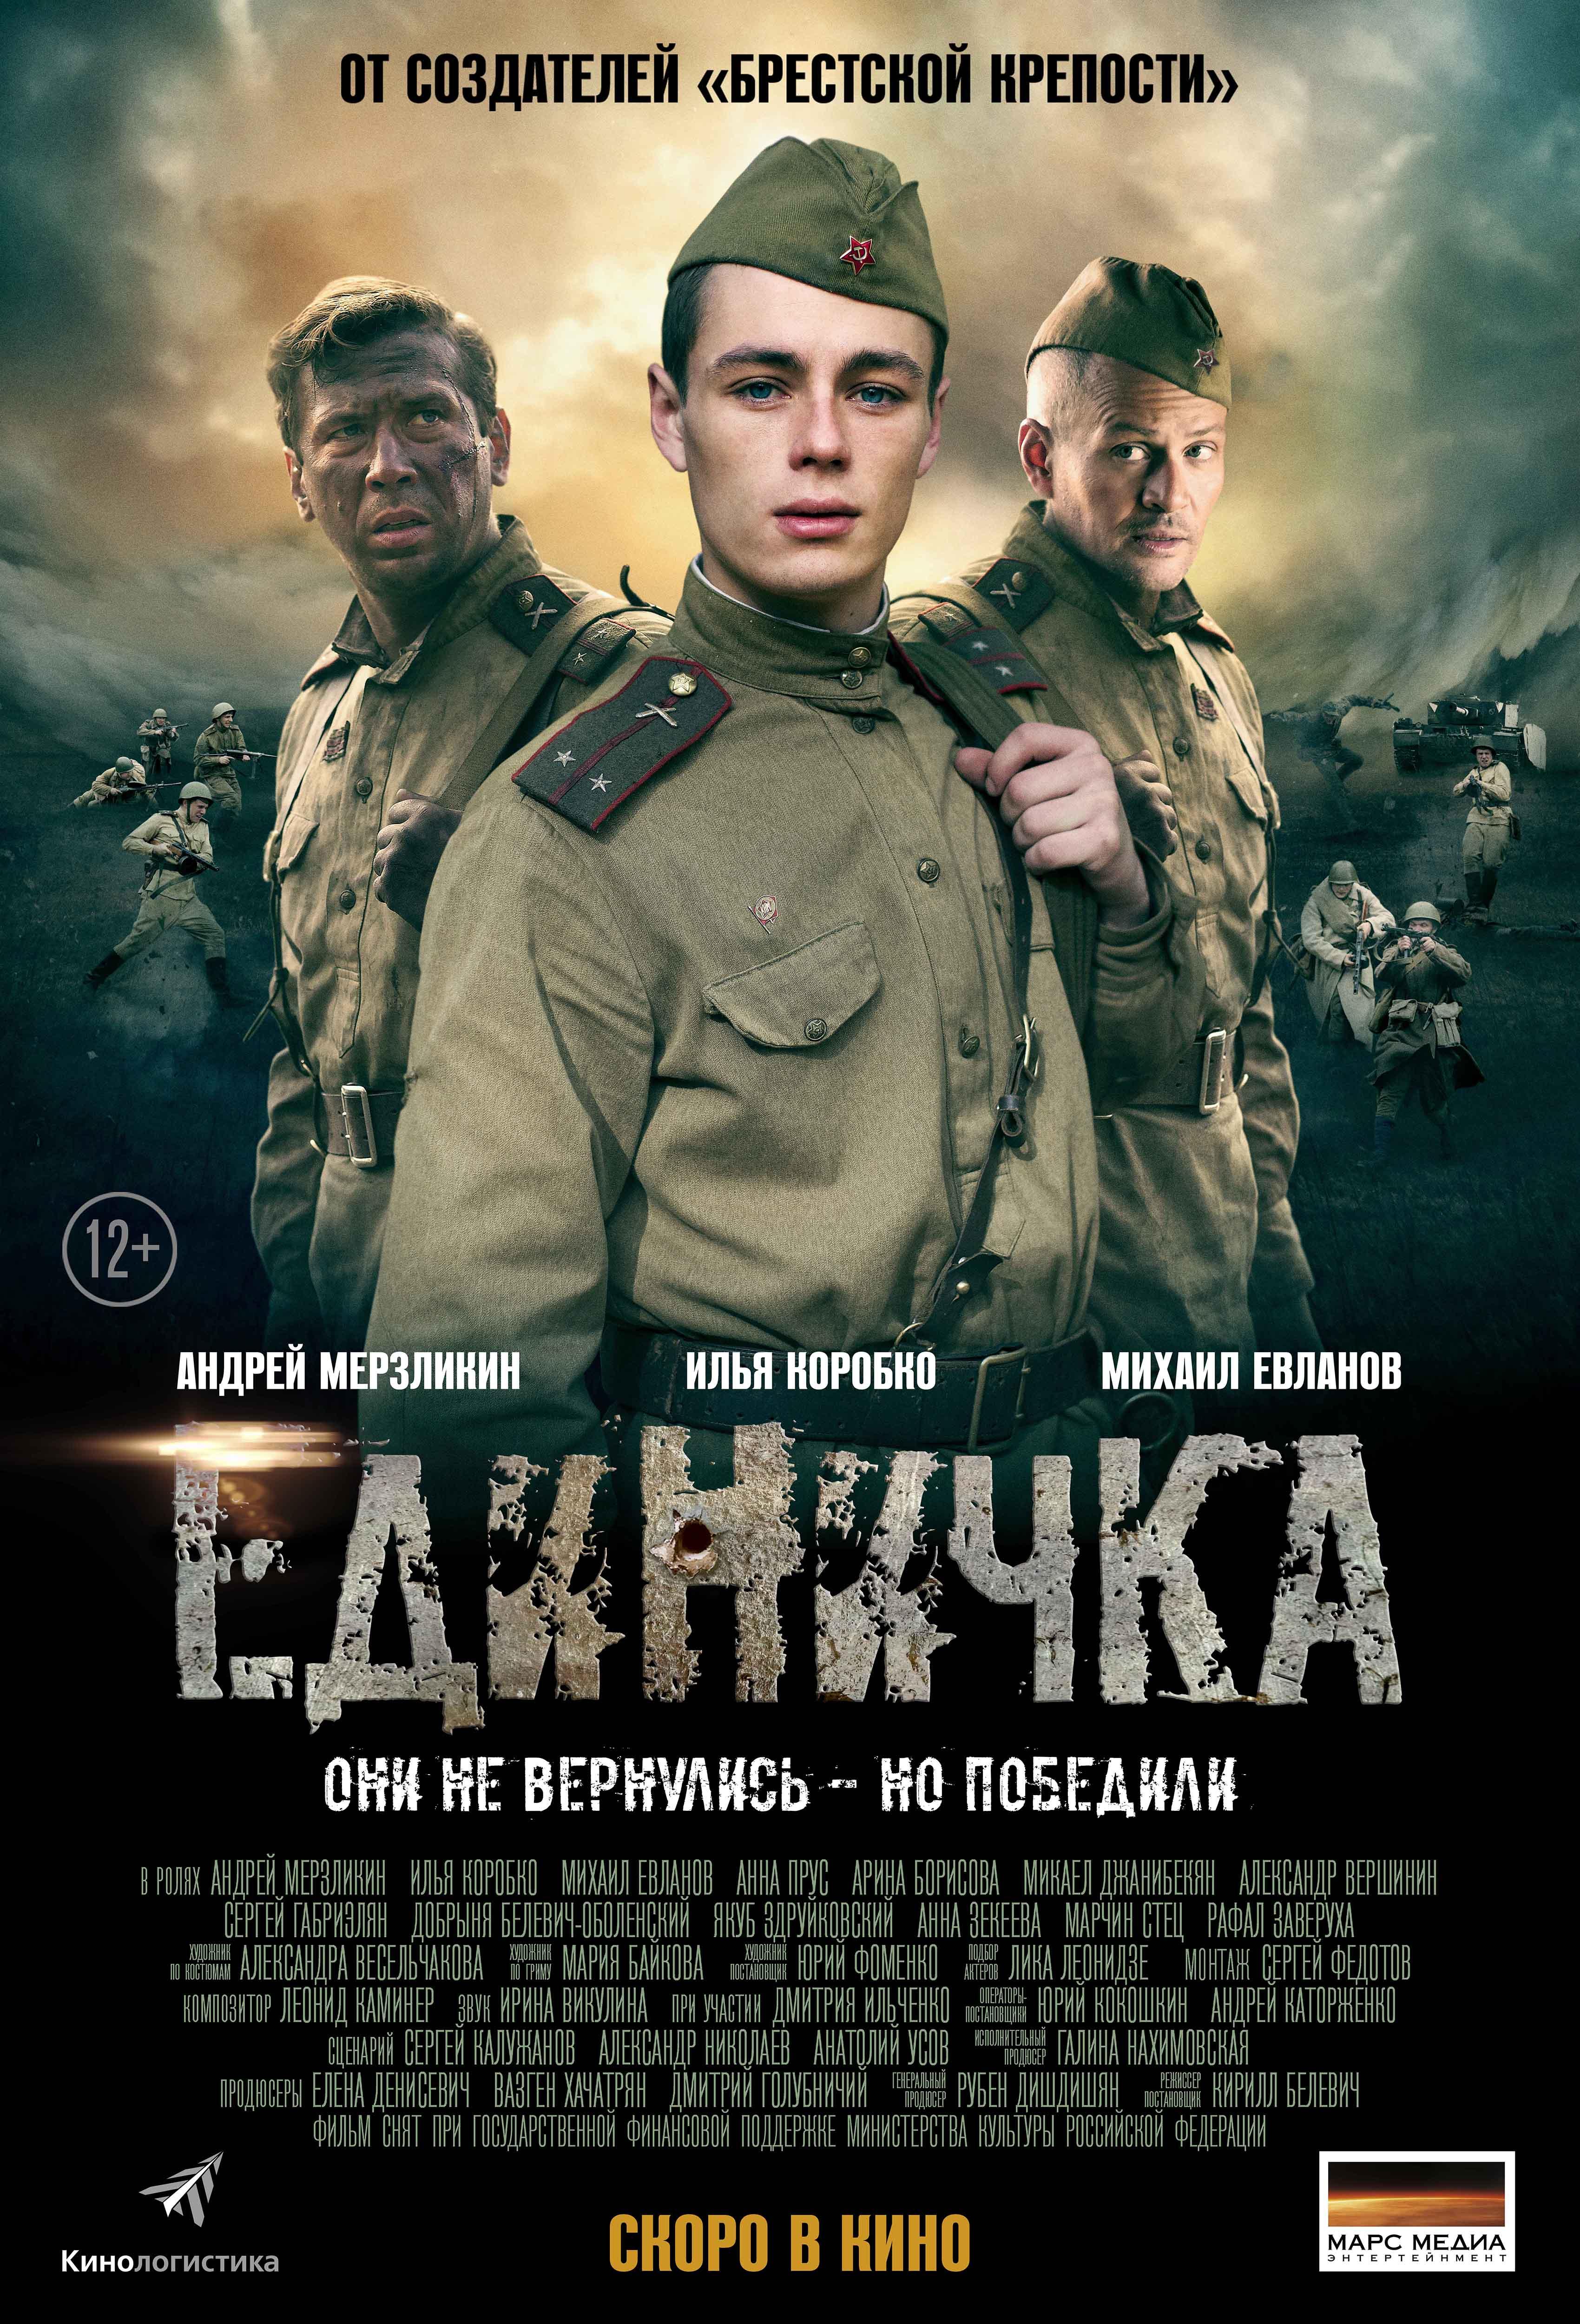 Edinichka aka Unity (2015)